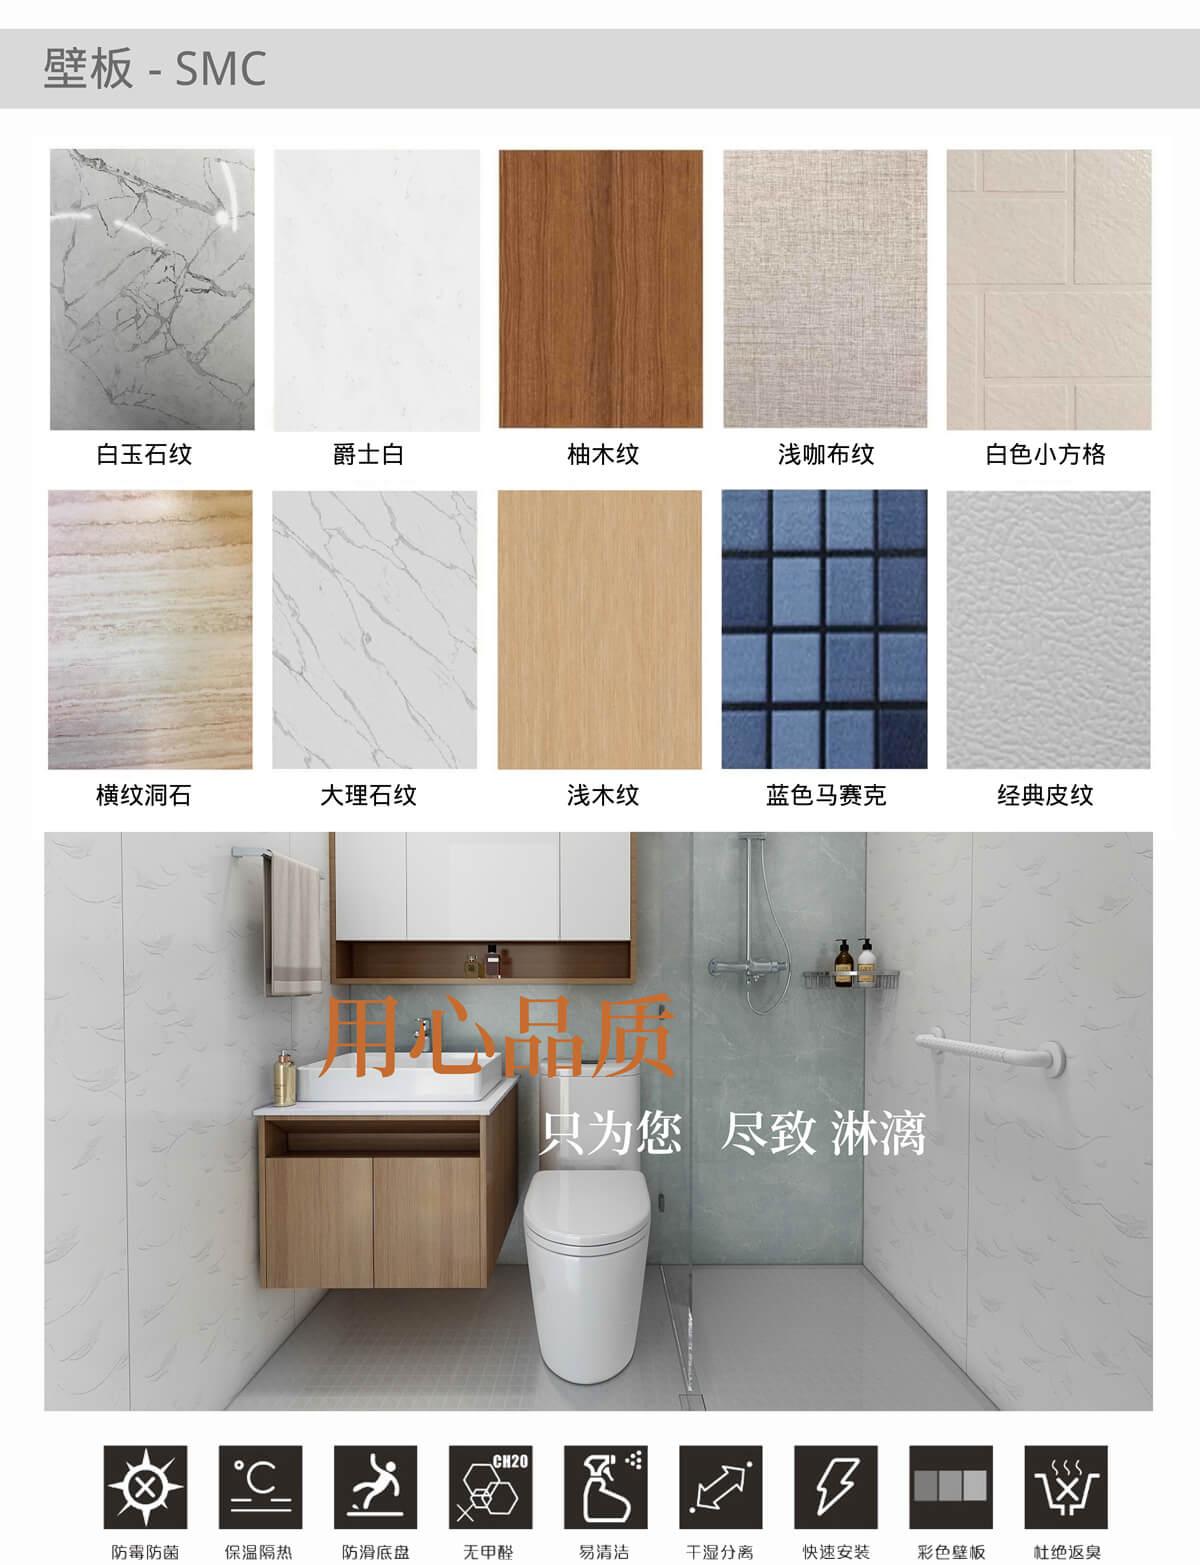 馨逸整体卫浴产品介绍2